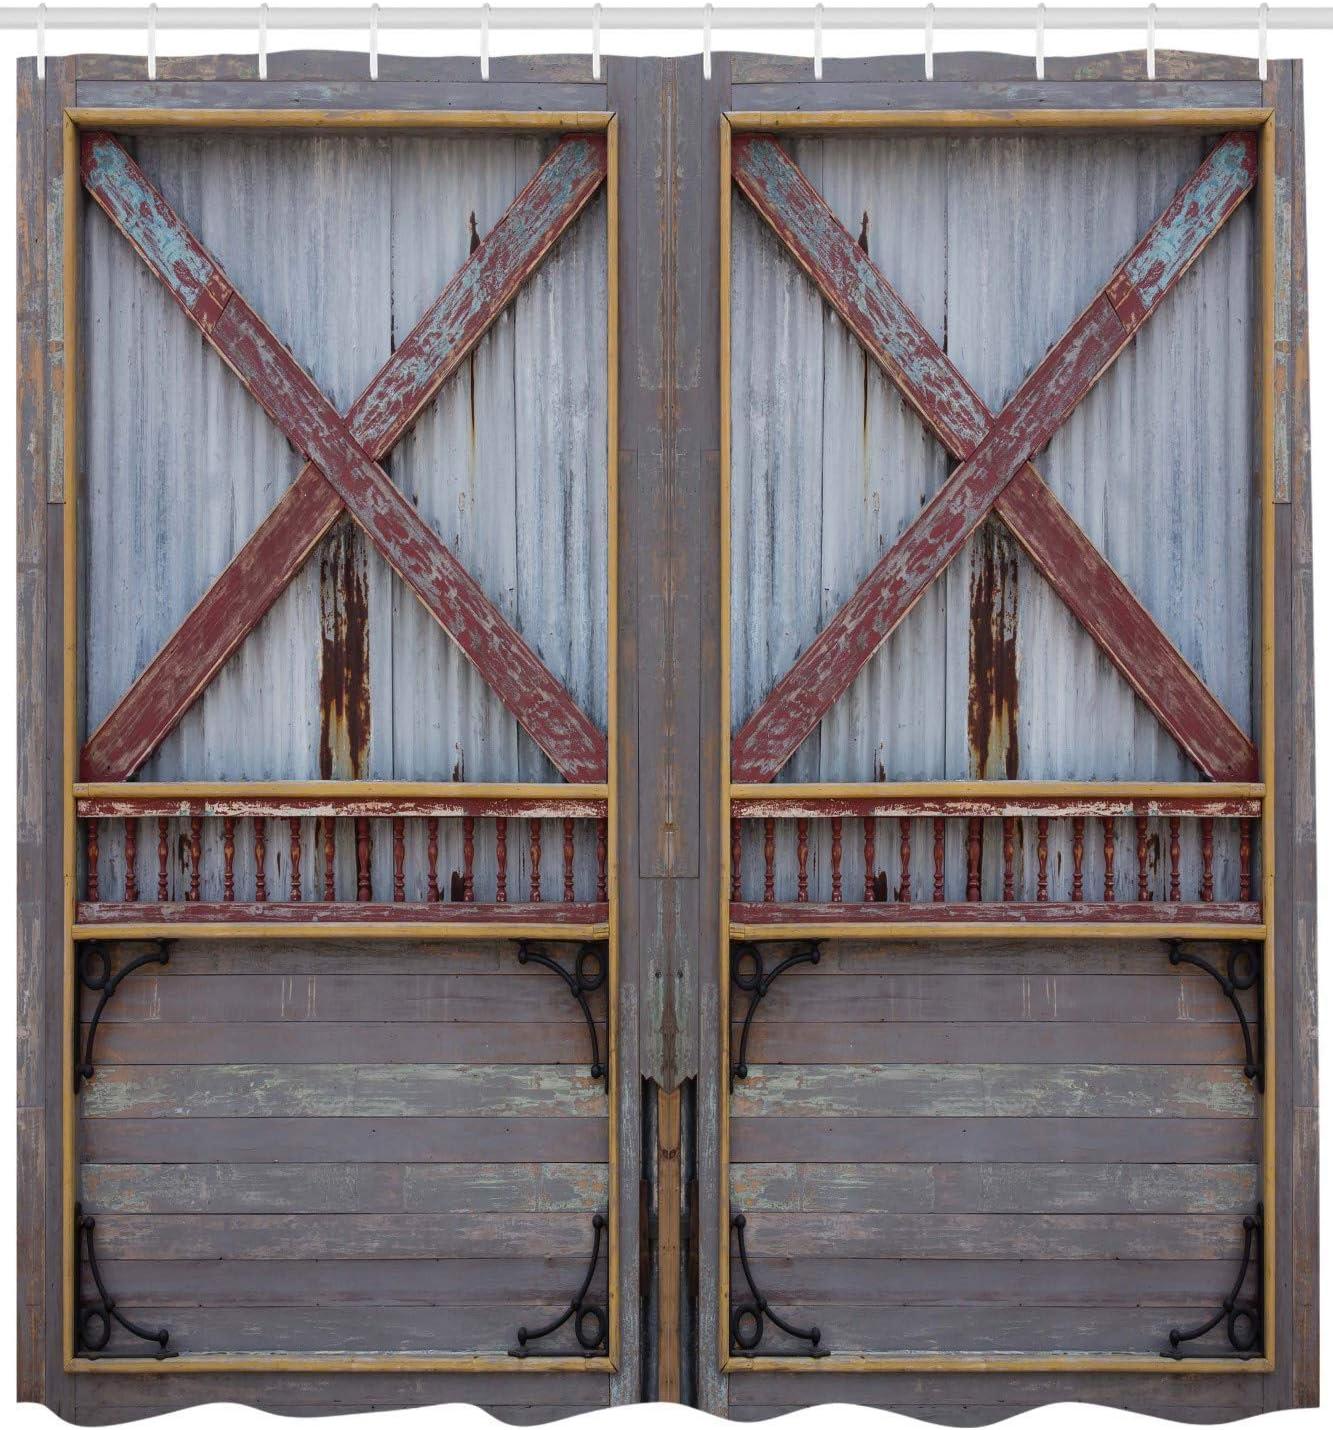 ABAKUHAUS Rustique Rideau de Douche Marron Impression Tendance sur Tissu 175 X 200 cm Vieille Grange en Bois Porte de Ferme Ch/êne Campagne Village Conseil Vie Rurale